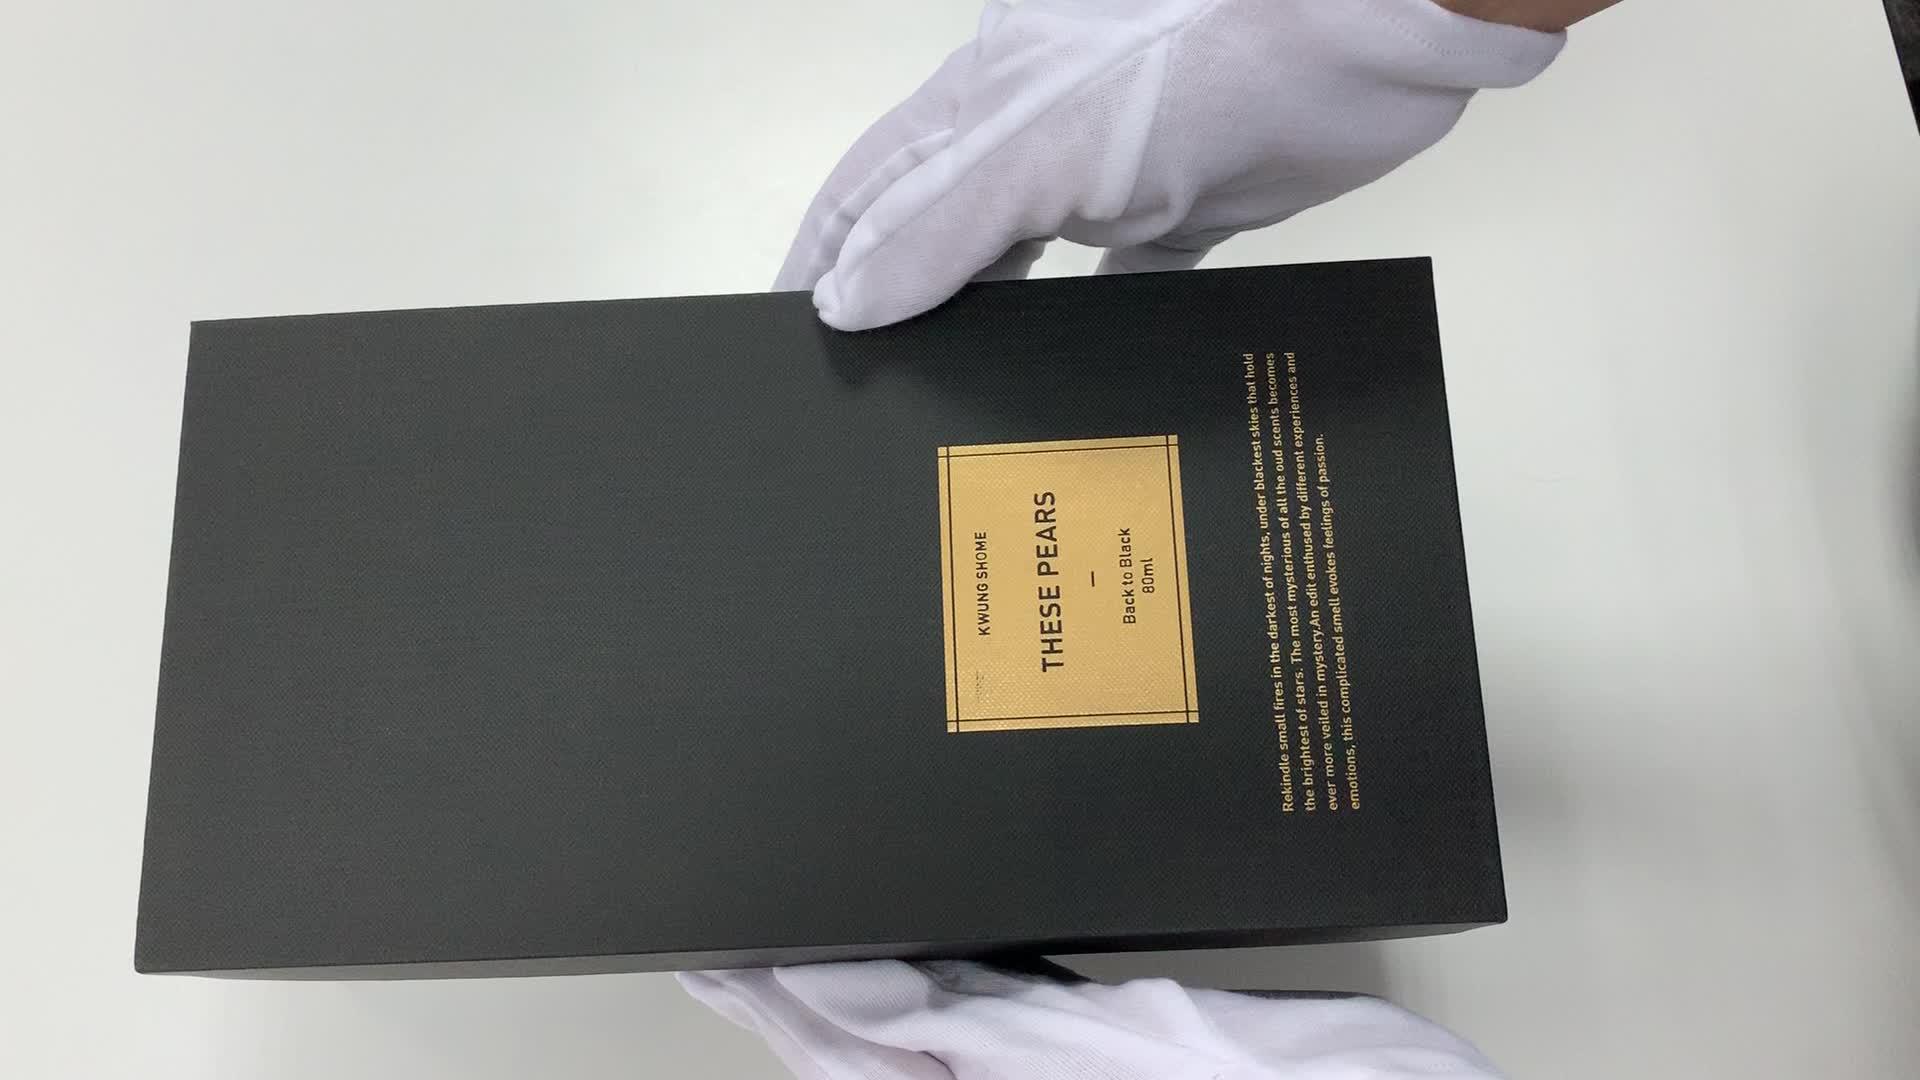 Individuelles logo druck luxus parfüm kosmetik haar ätherisches schmuck uhr papier geschenk verpackung box